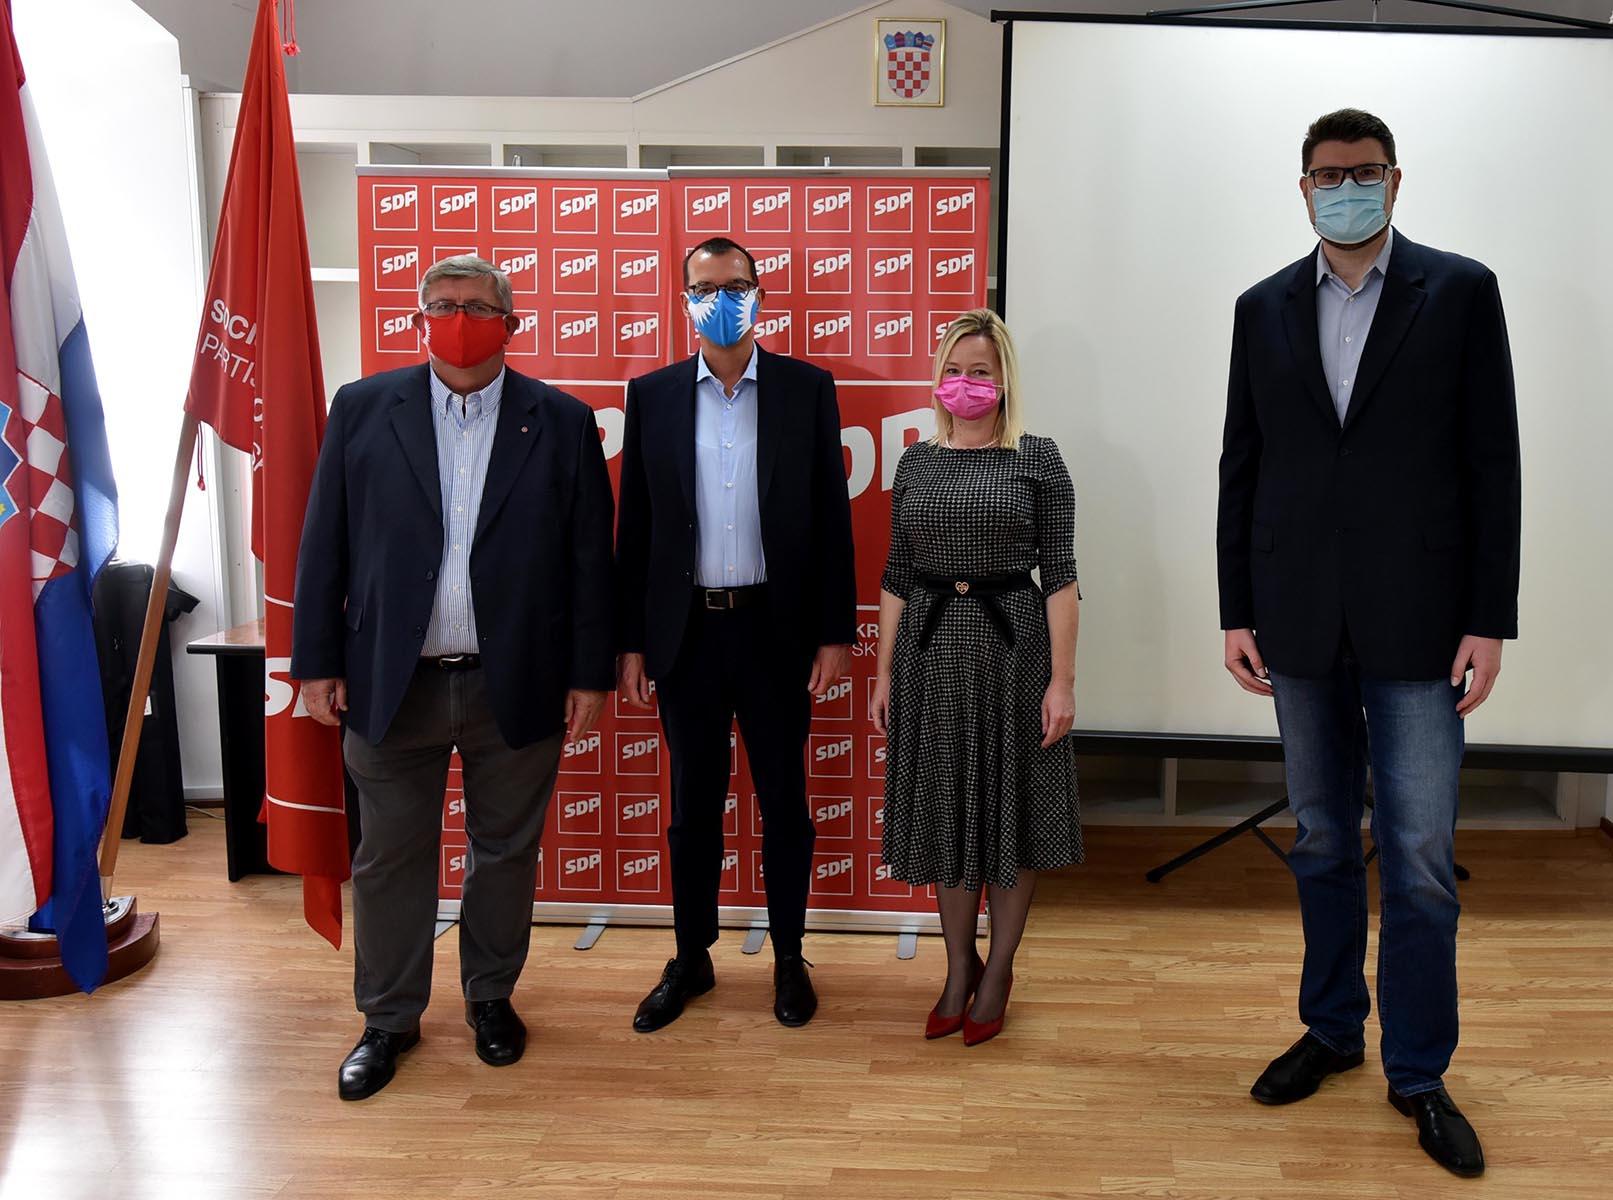 SDP-ovi kandidati za riječkoga gradonačelnika i njegovu zamjenicu